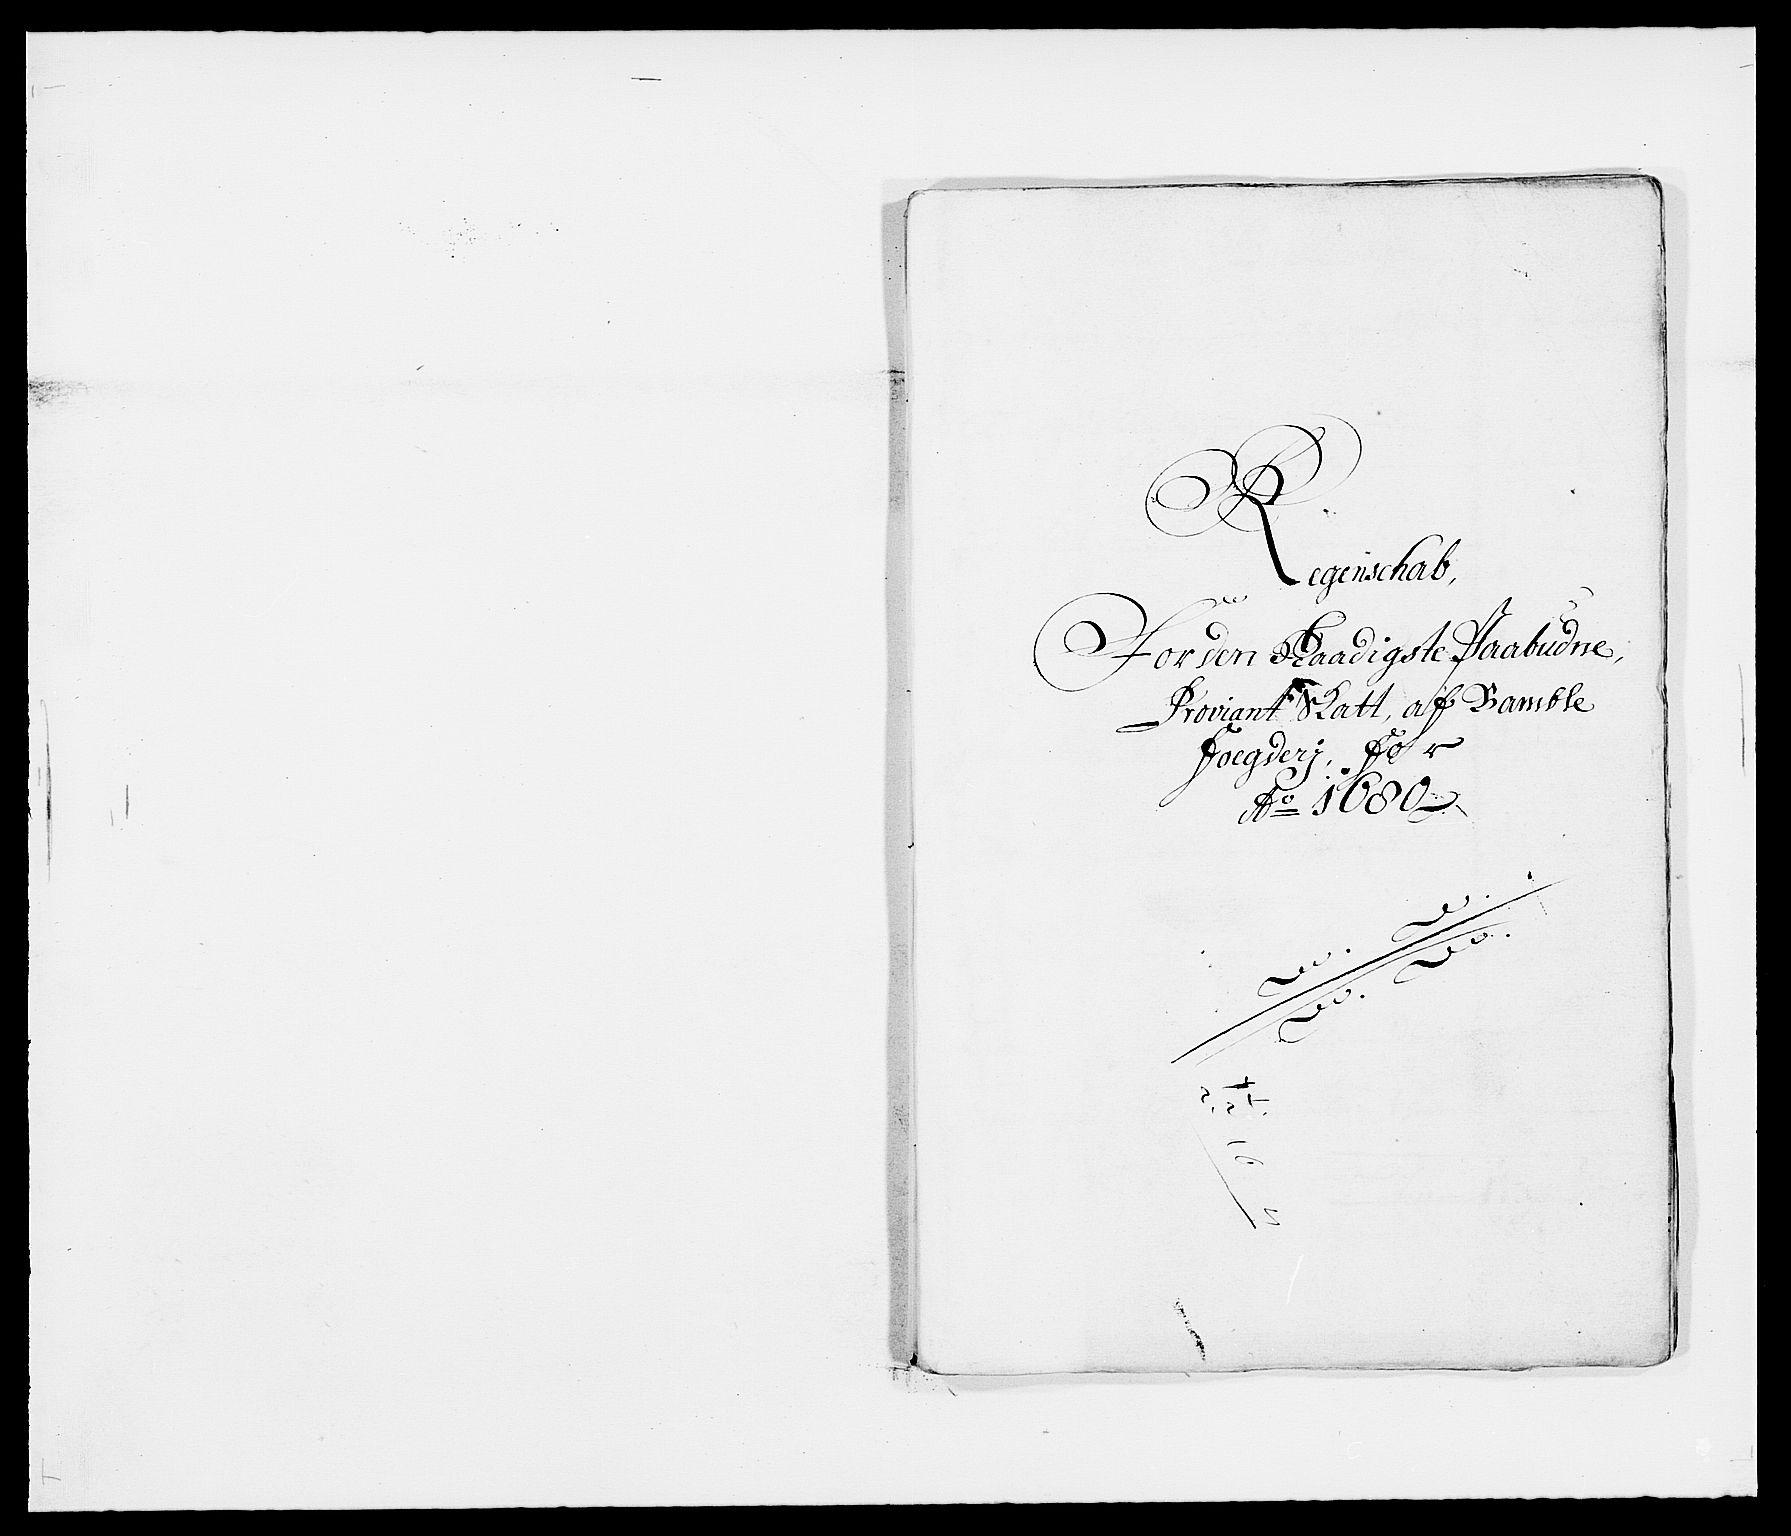 RA, Rentekammeret inntil 1814, Reviderte regnskaper, Fogderegnskap, R34/L2045: Fogderegnskap Bamble, 1680-1681, s. 110